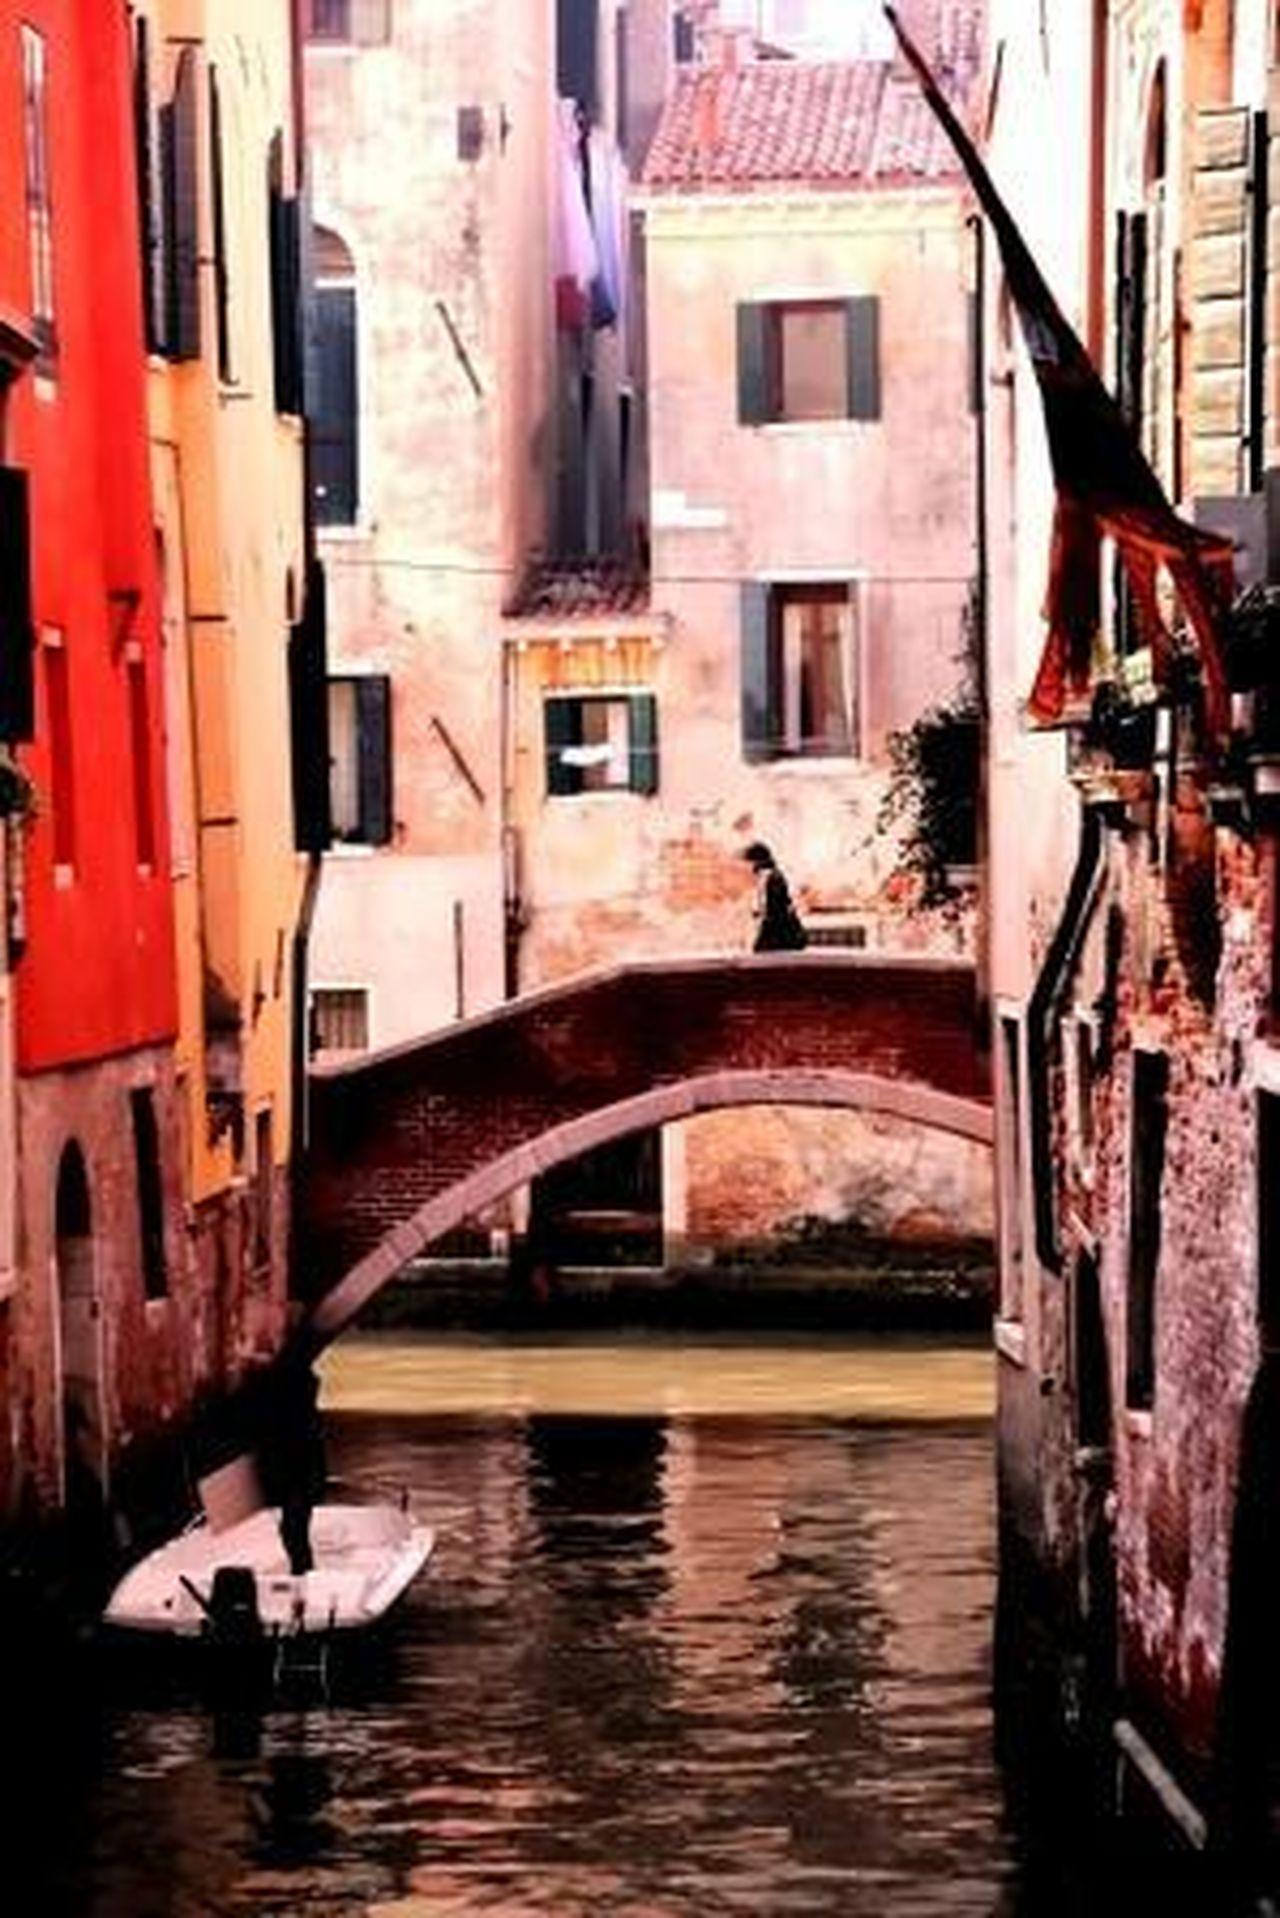 Figure on the bridge - Venice Architecture Boat Bridge Building Exterior Built Structure Canal Figure On A Bridge Outdoors Travel Destinations Venice